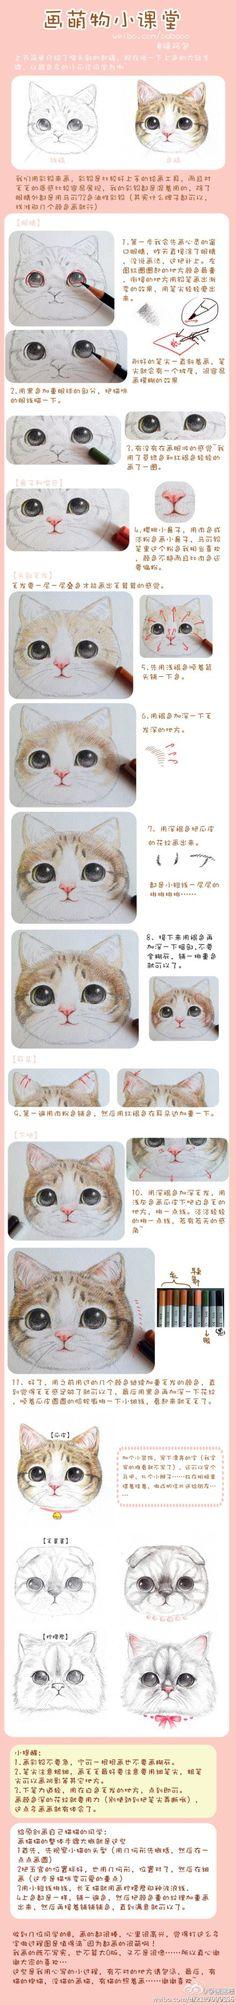 萌物小课堂——彩铅画猫步骤图~via:福阿包